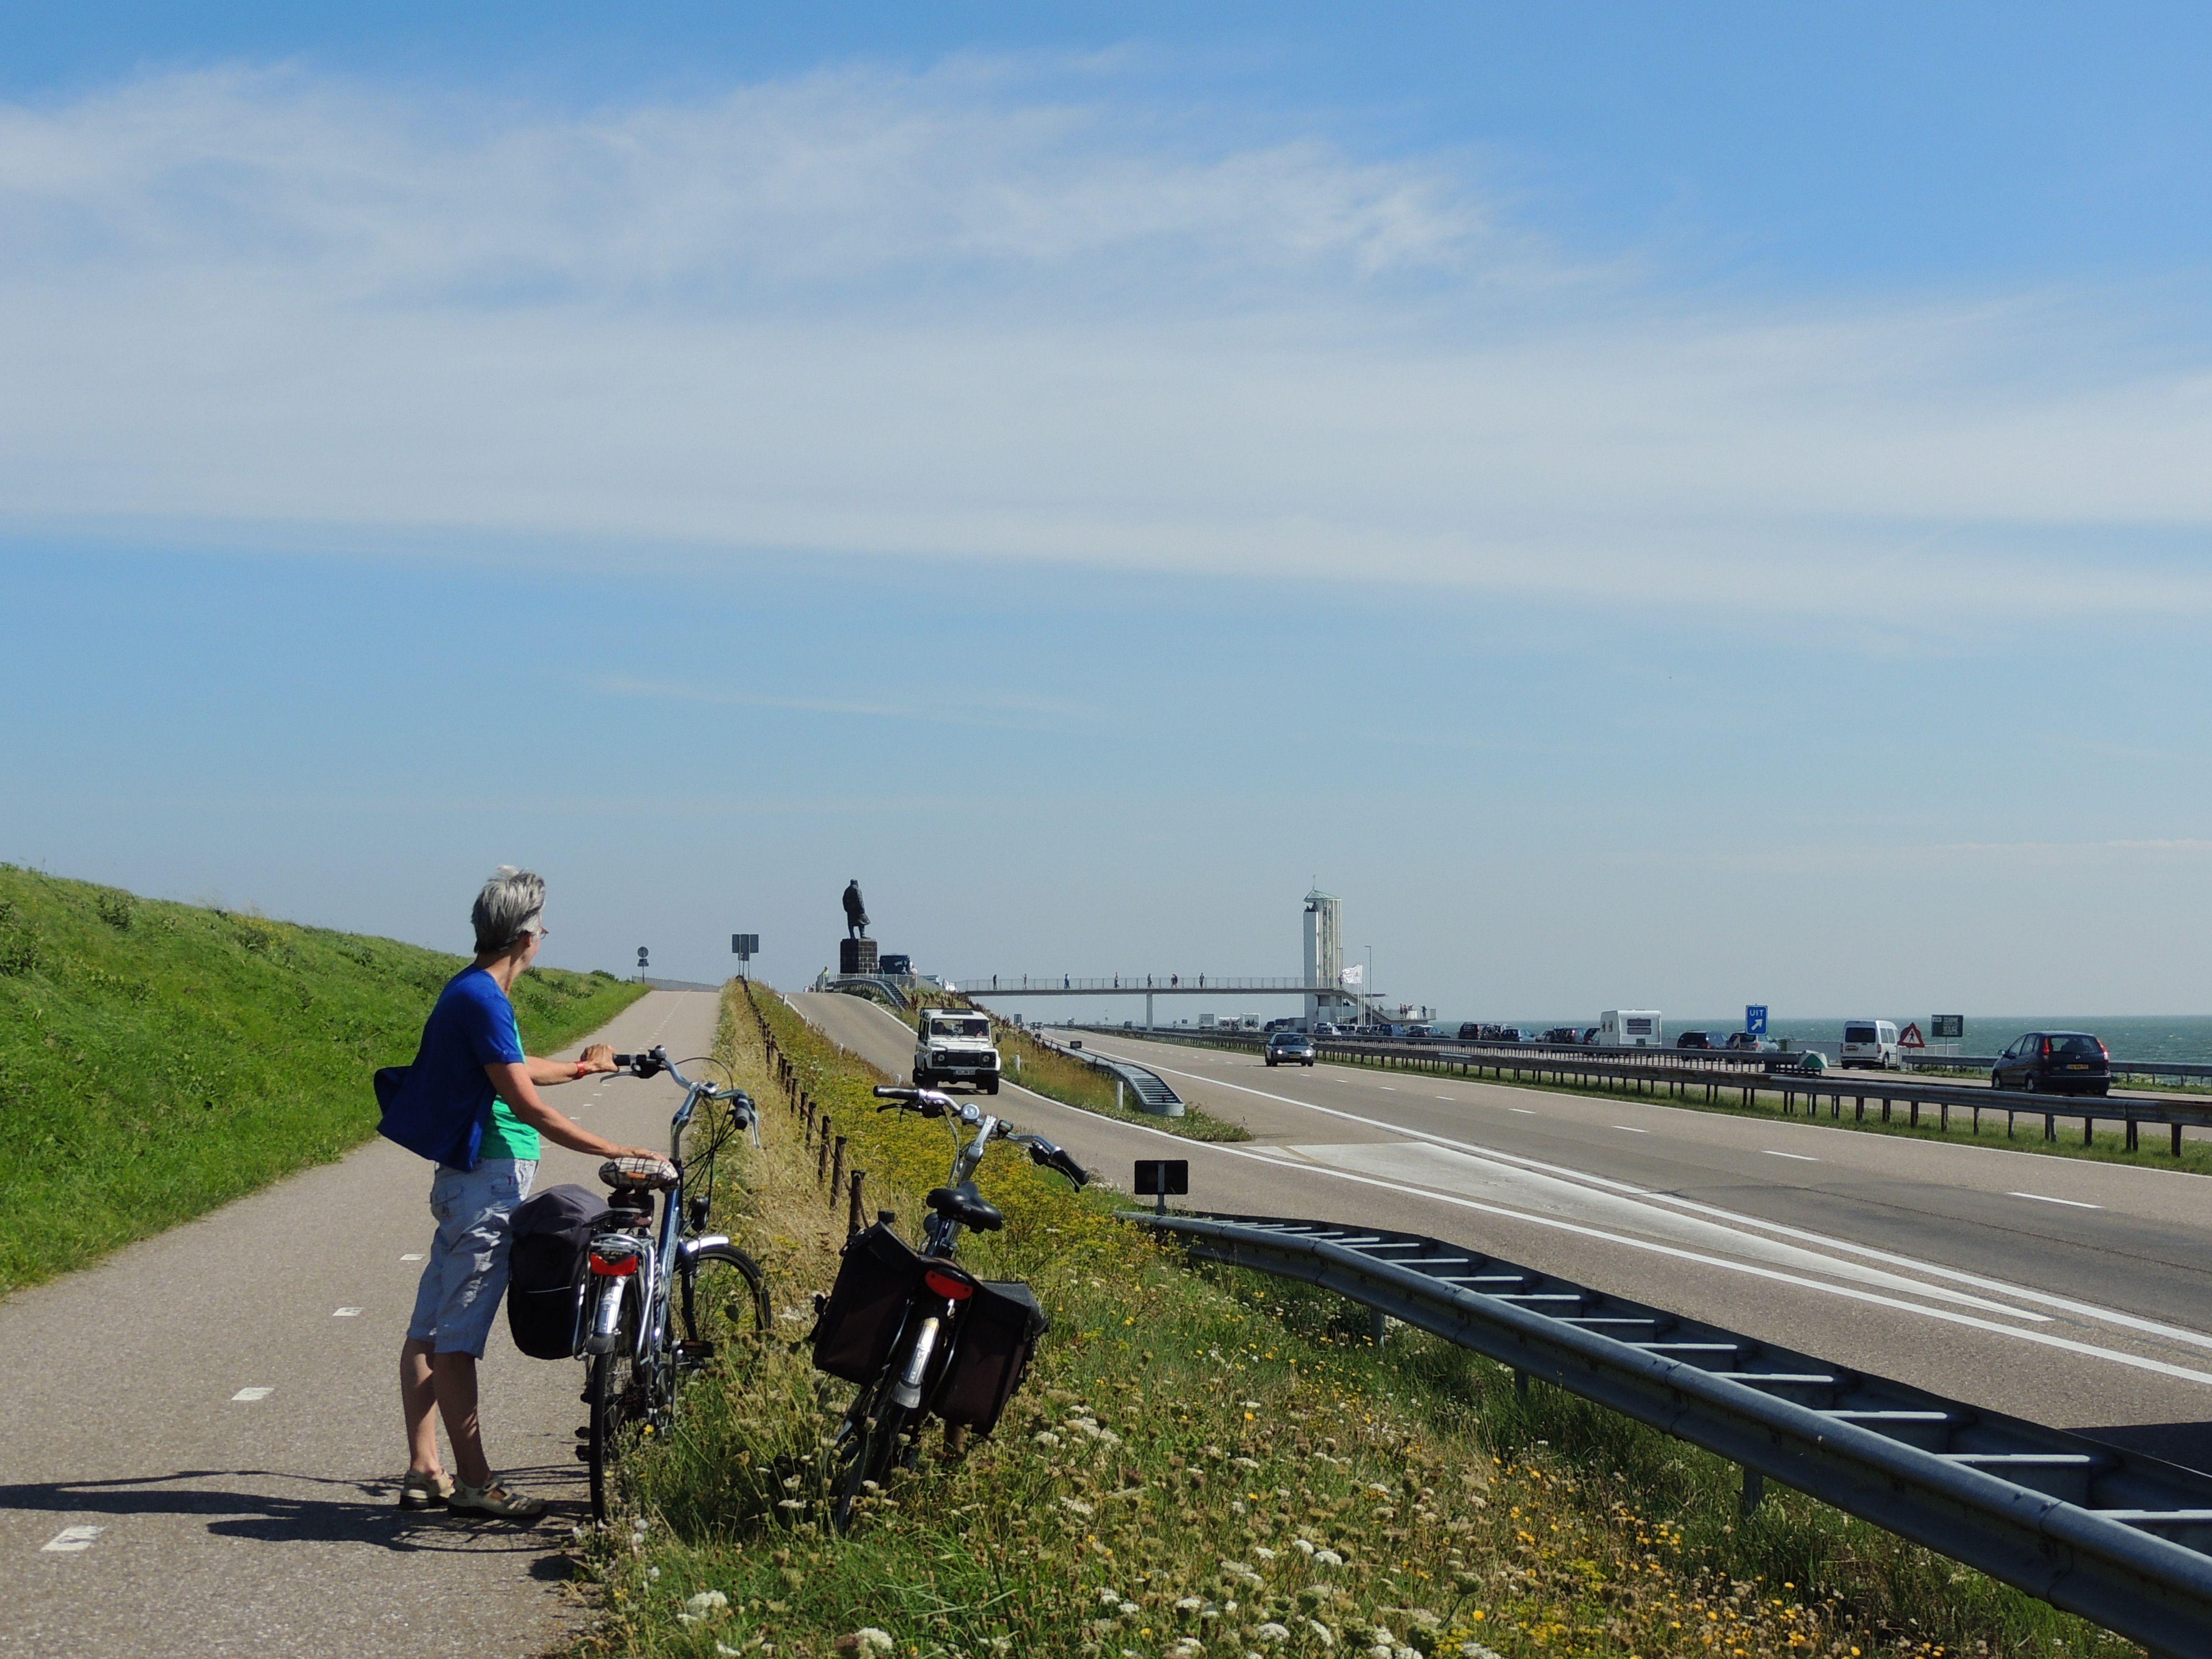 Op de fiets over de Afsluitdijk. Nederland